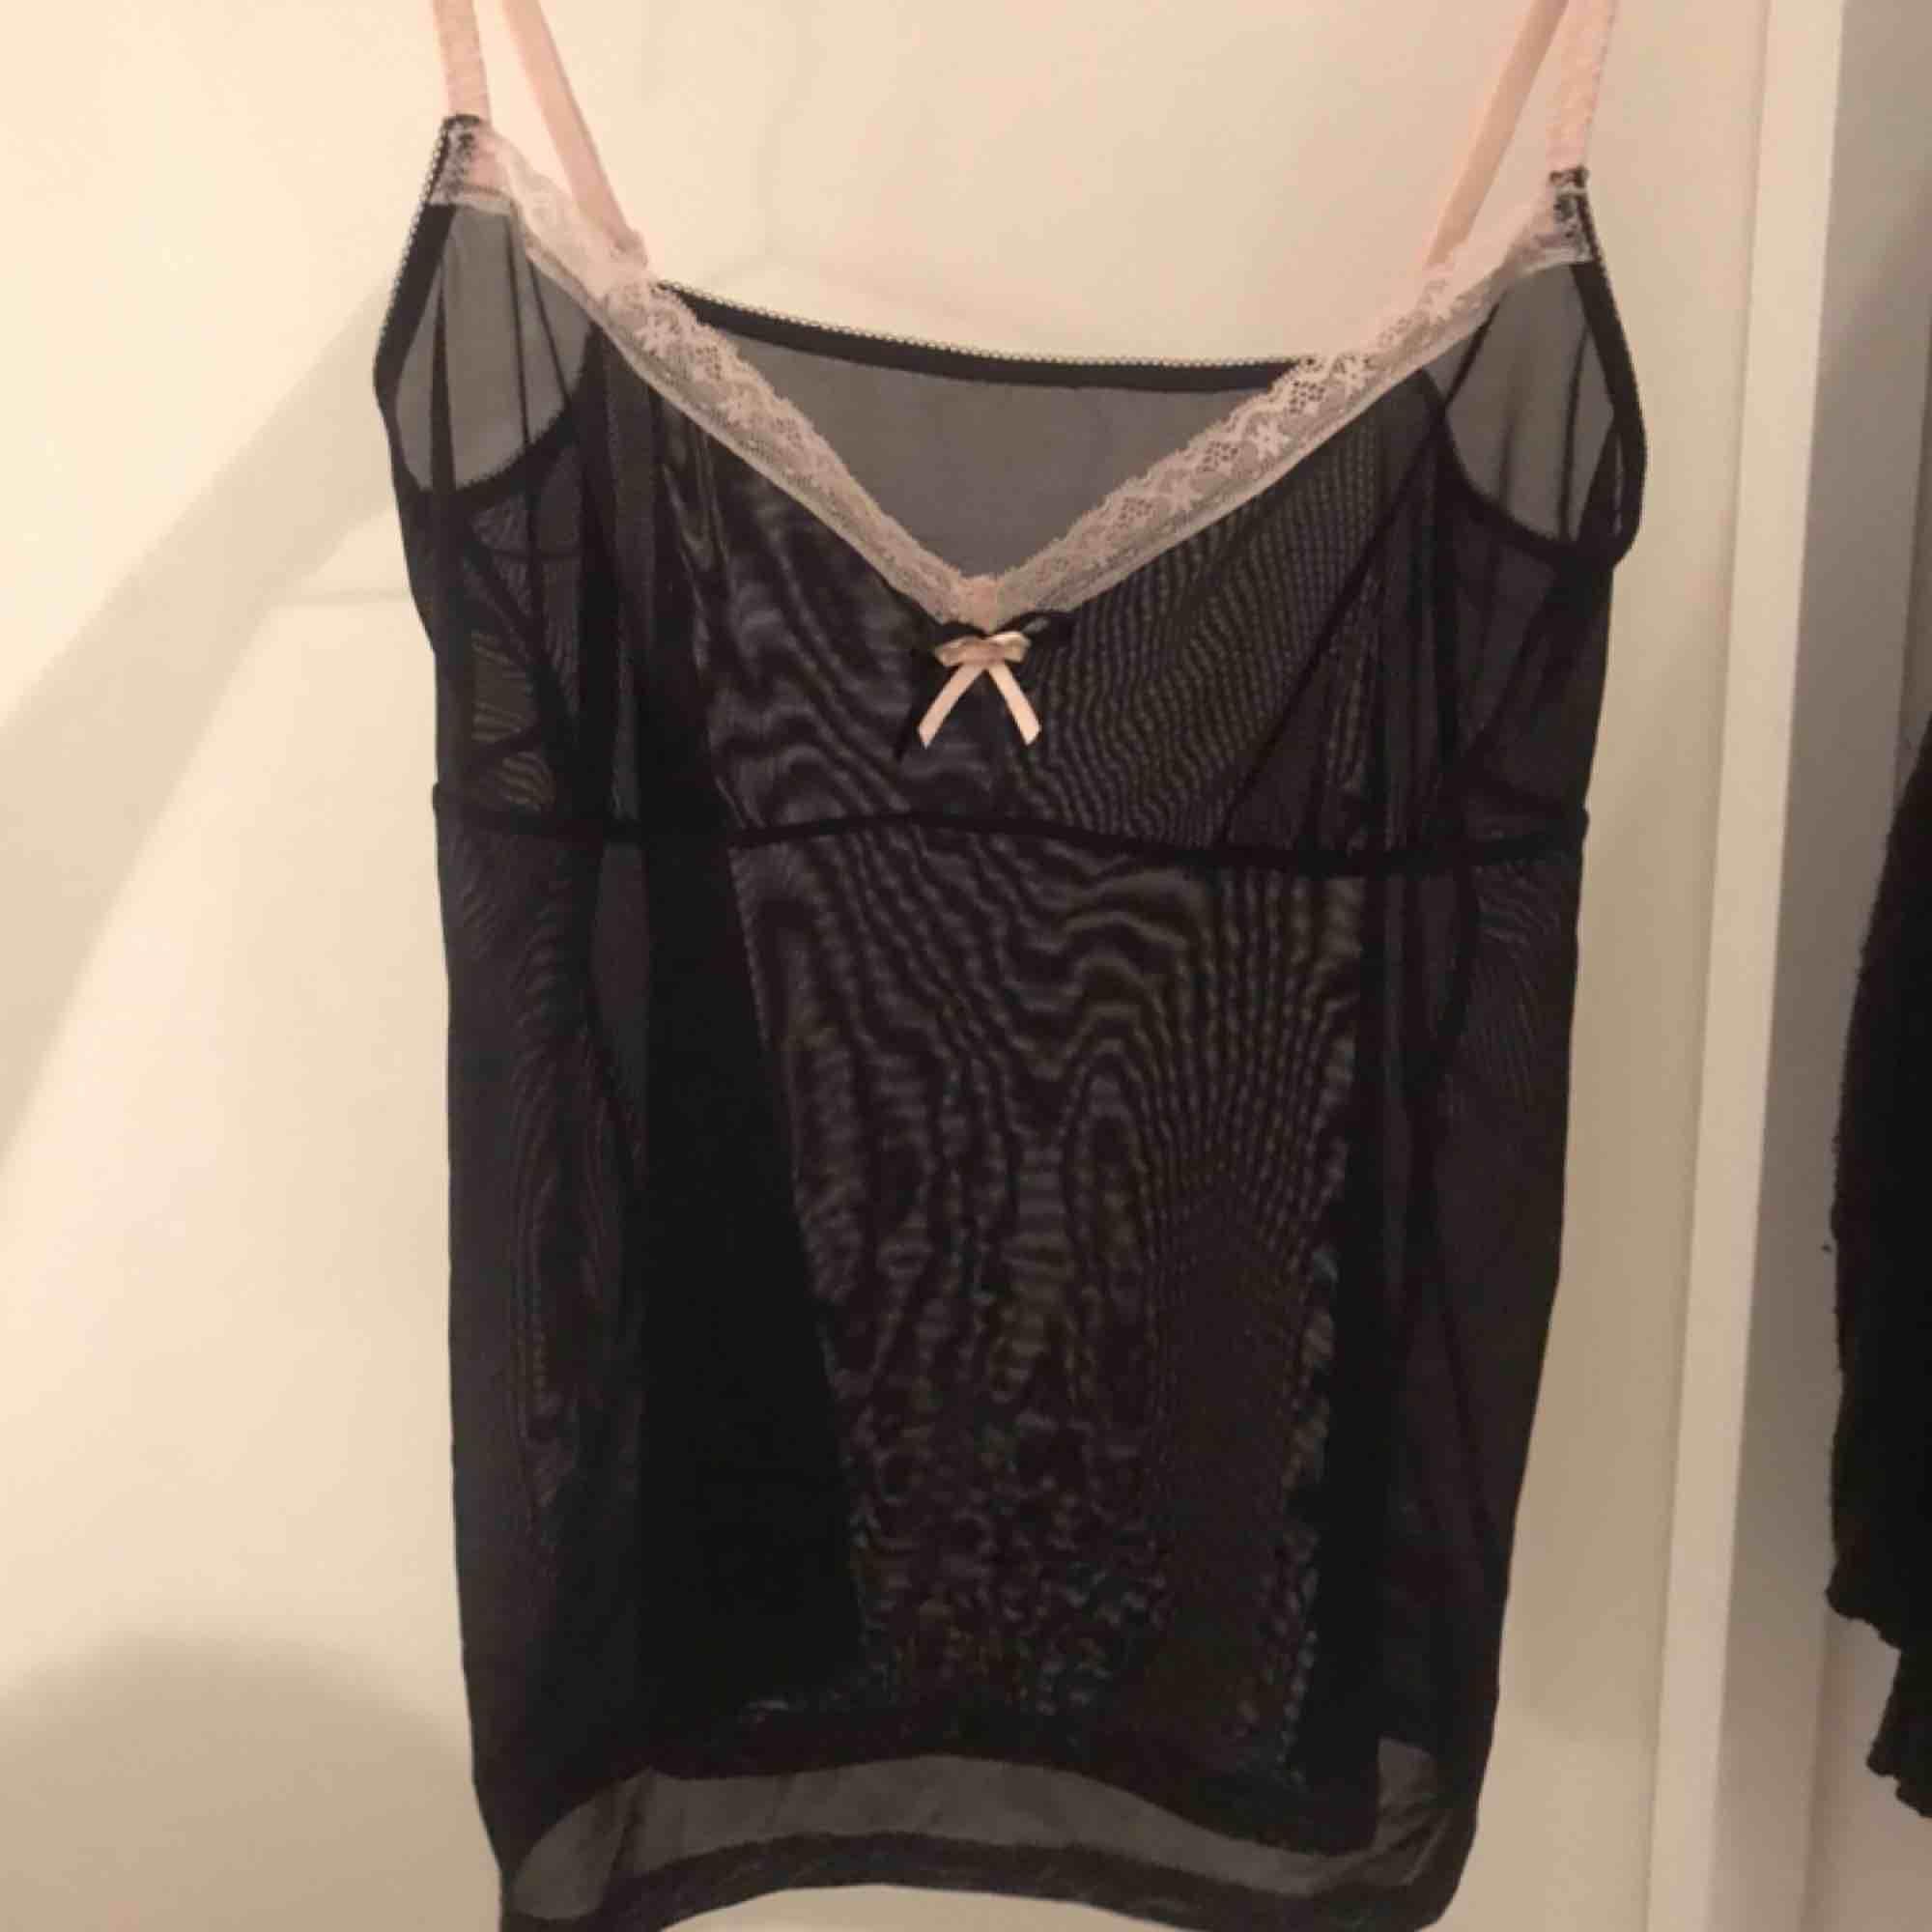 Jättefint svart genomskinligt linne, har oftast storlek m och funkar men är lite liten på mig. Är dock stretchigt material. Skjortor.